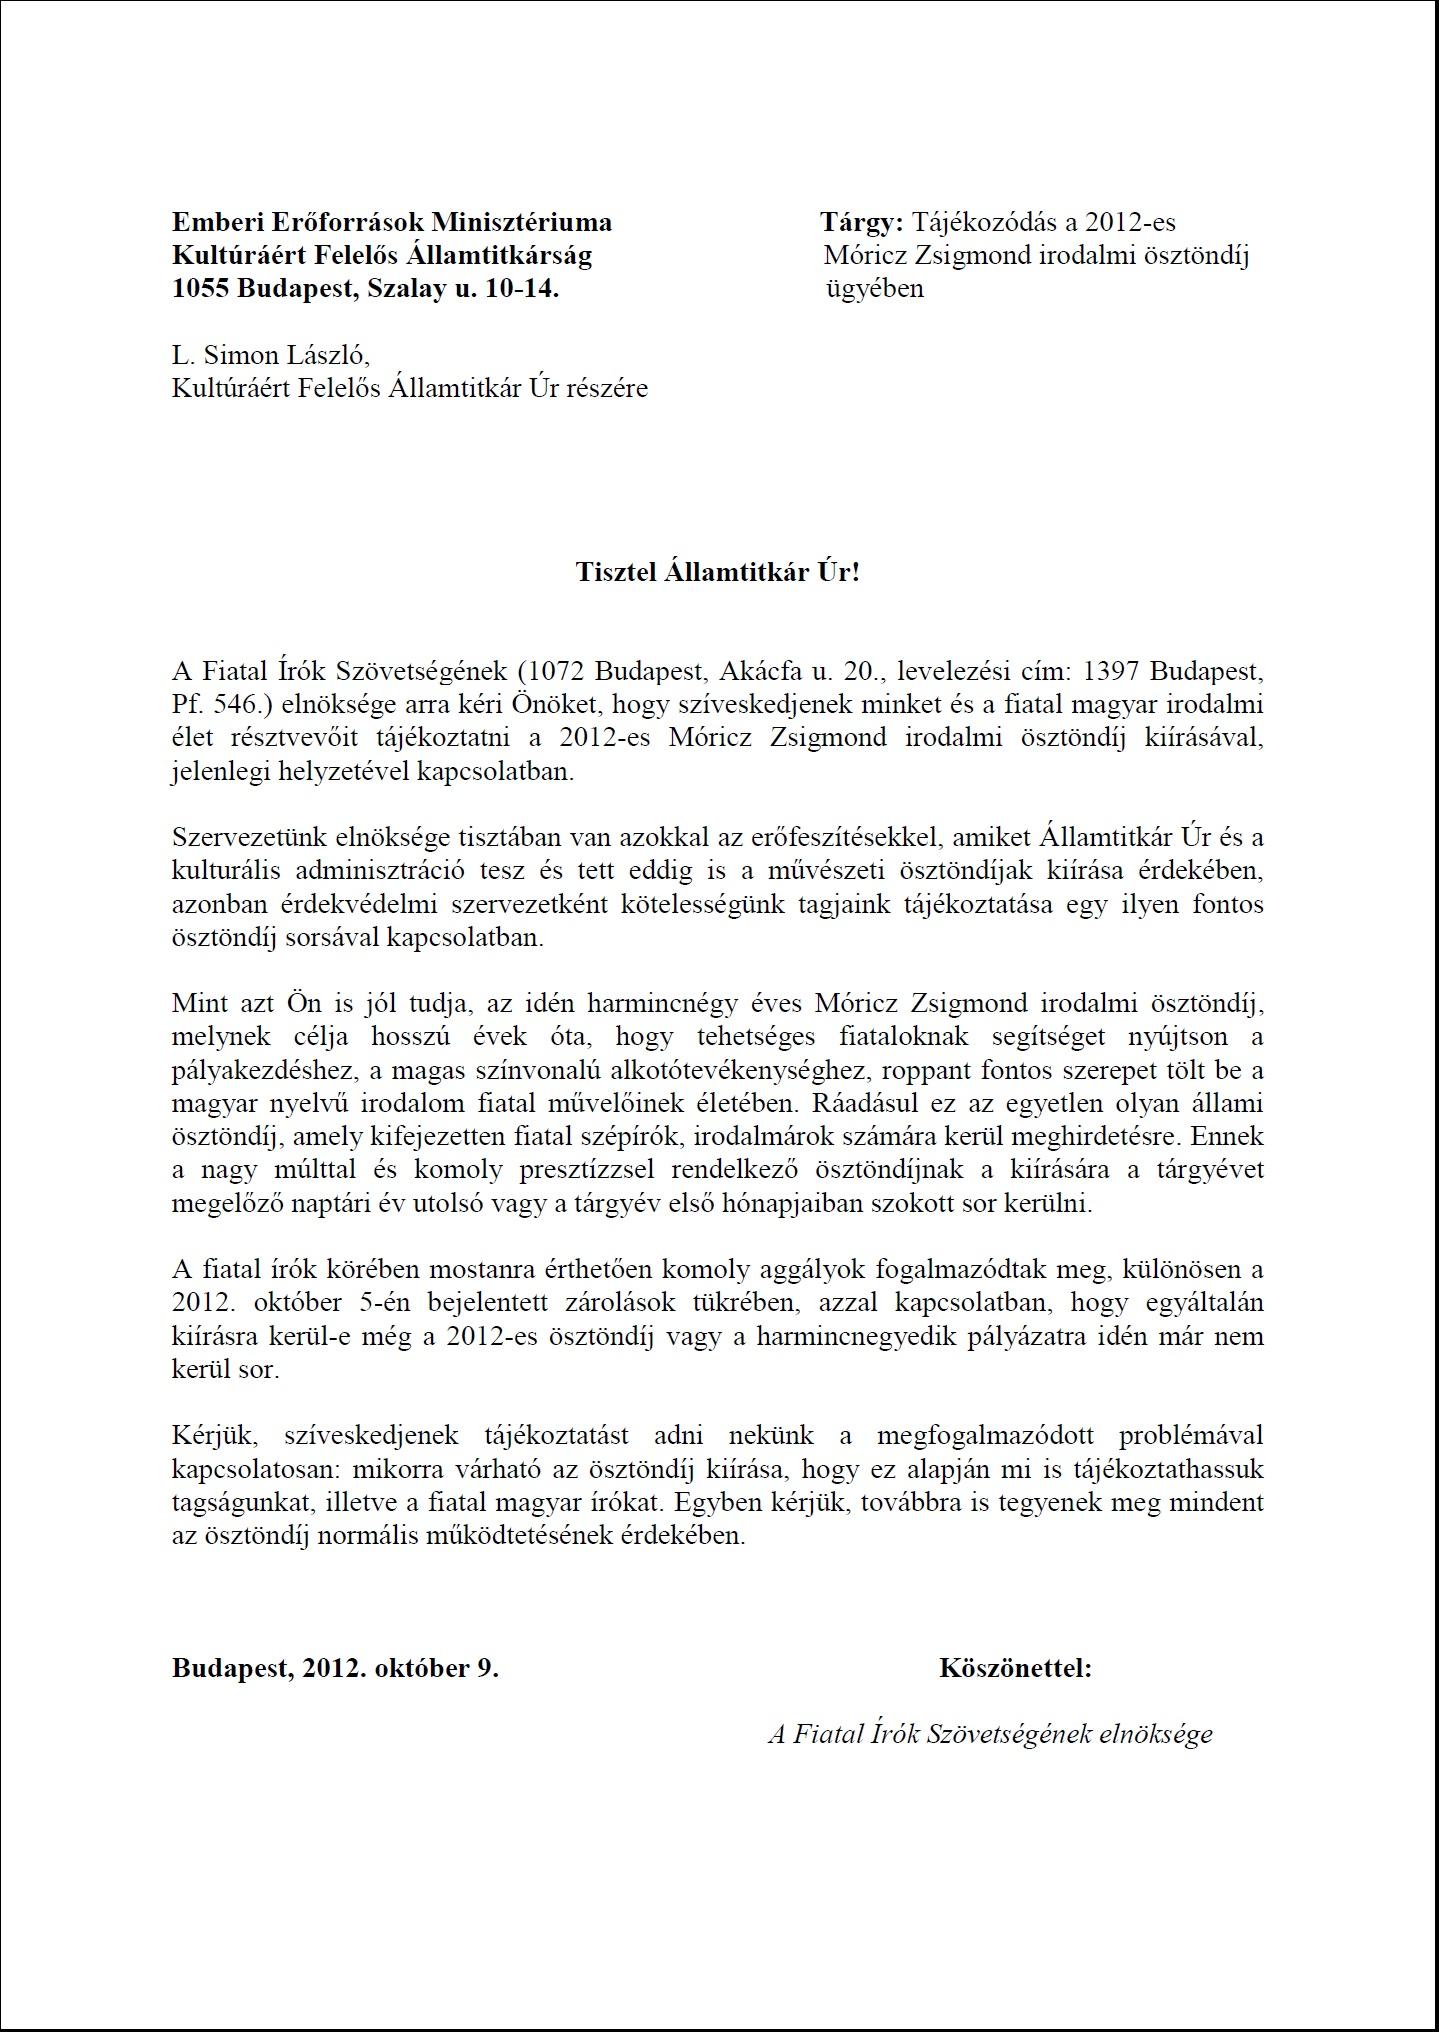 elnökségi levél 2012okt9  időrendben az első.jpg